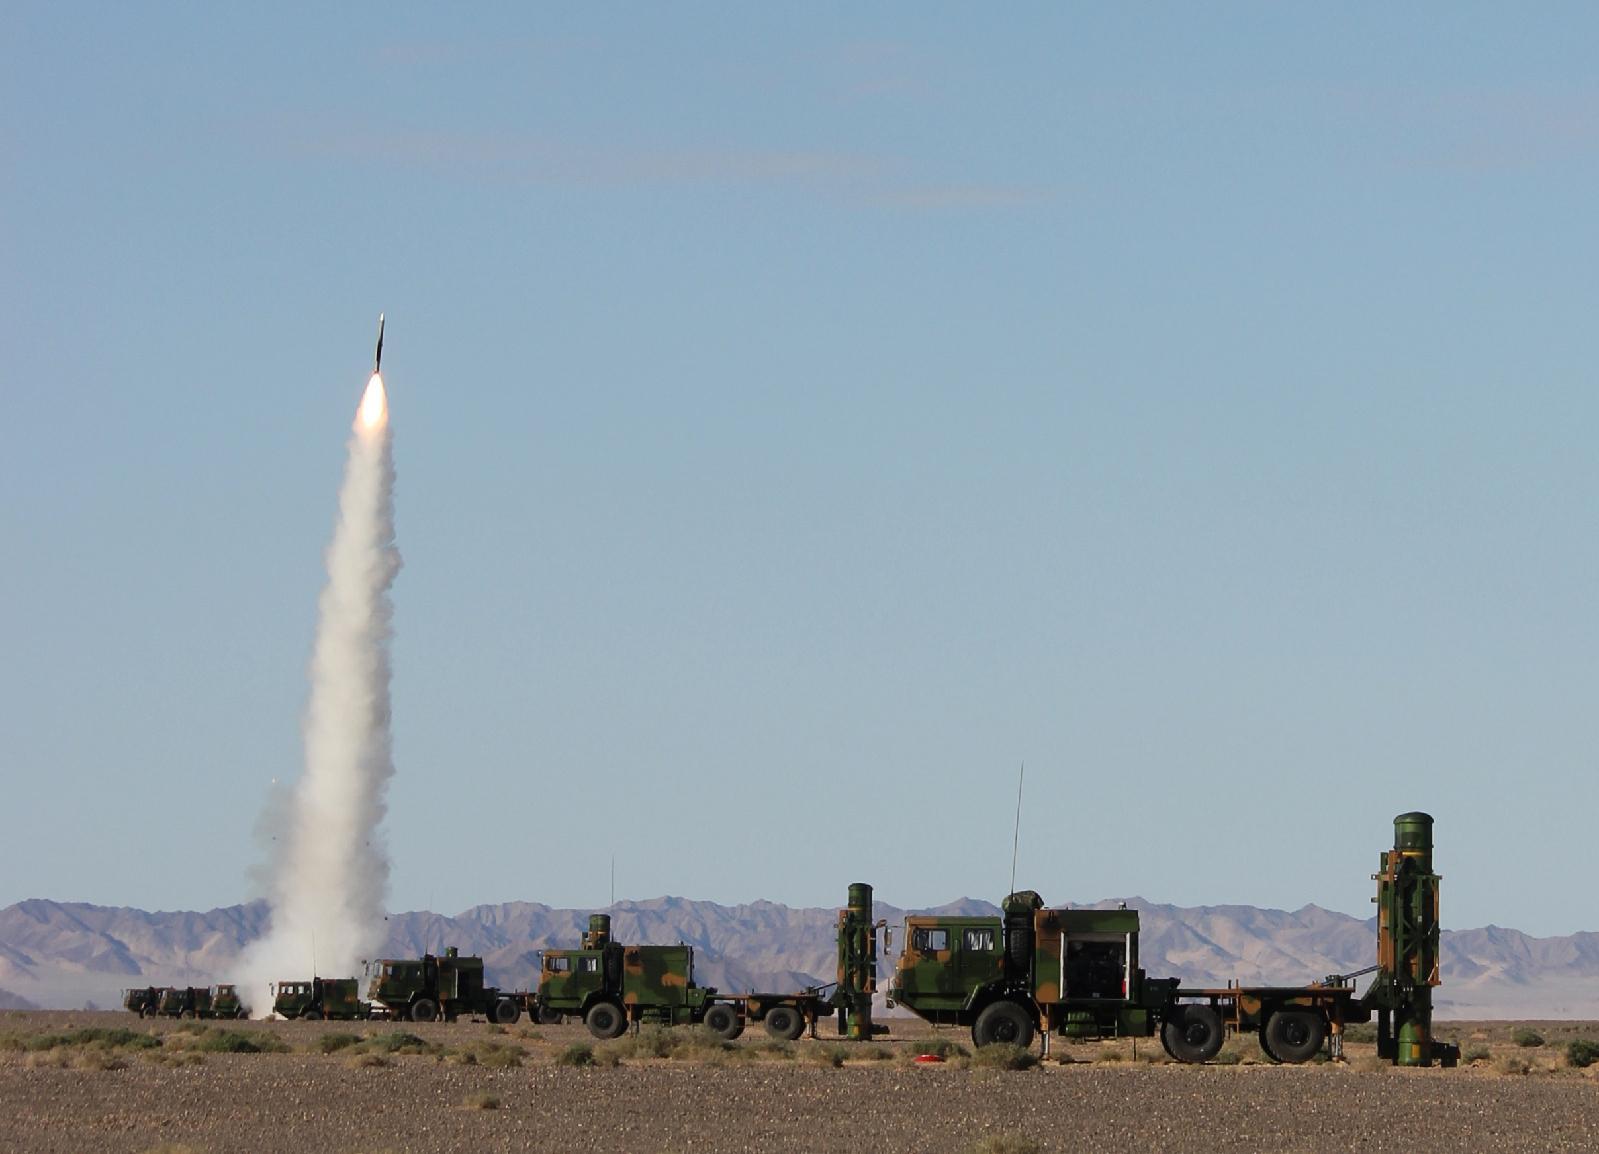 四大现役防空导弹打包卖 中国超美俄创下军贸史第一